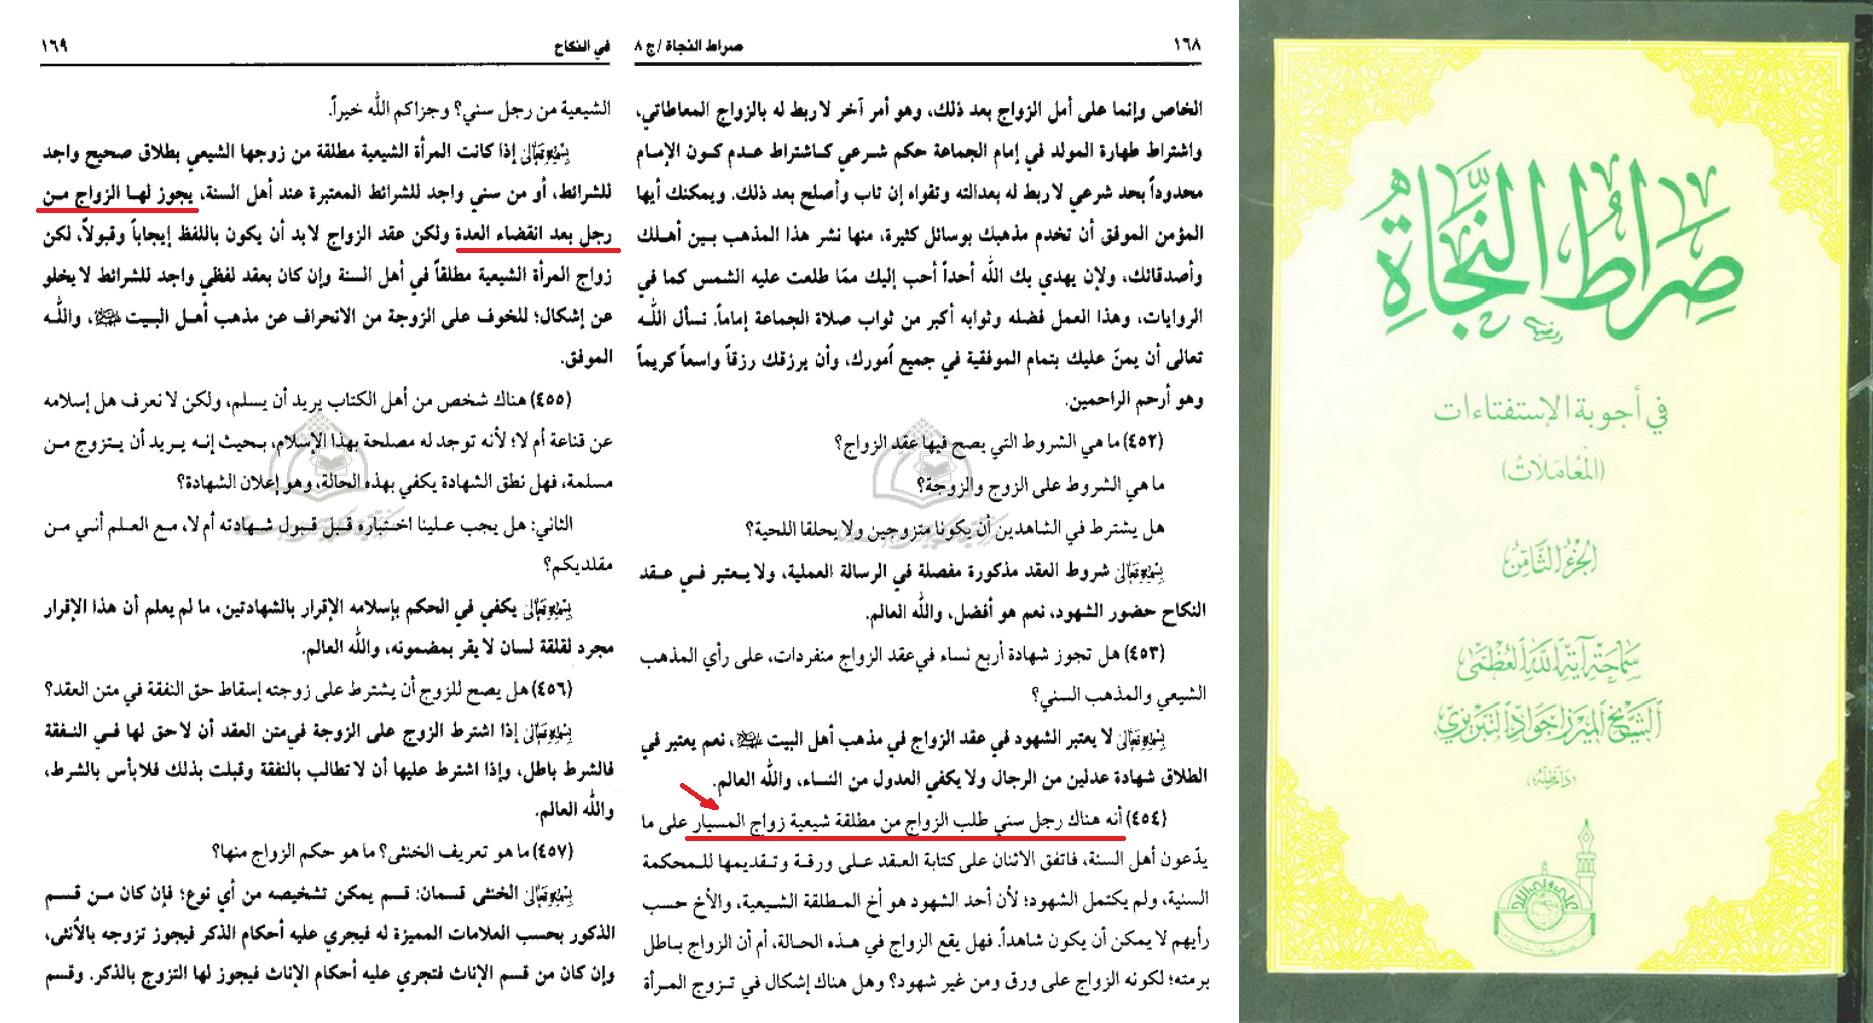 زواج المسيار الشيعة الرافضة